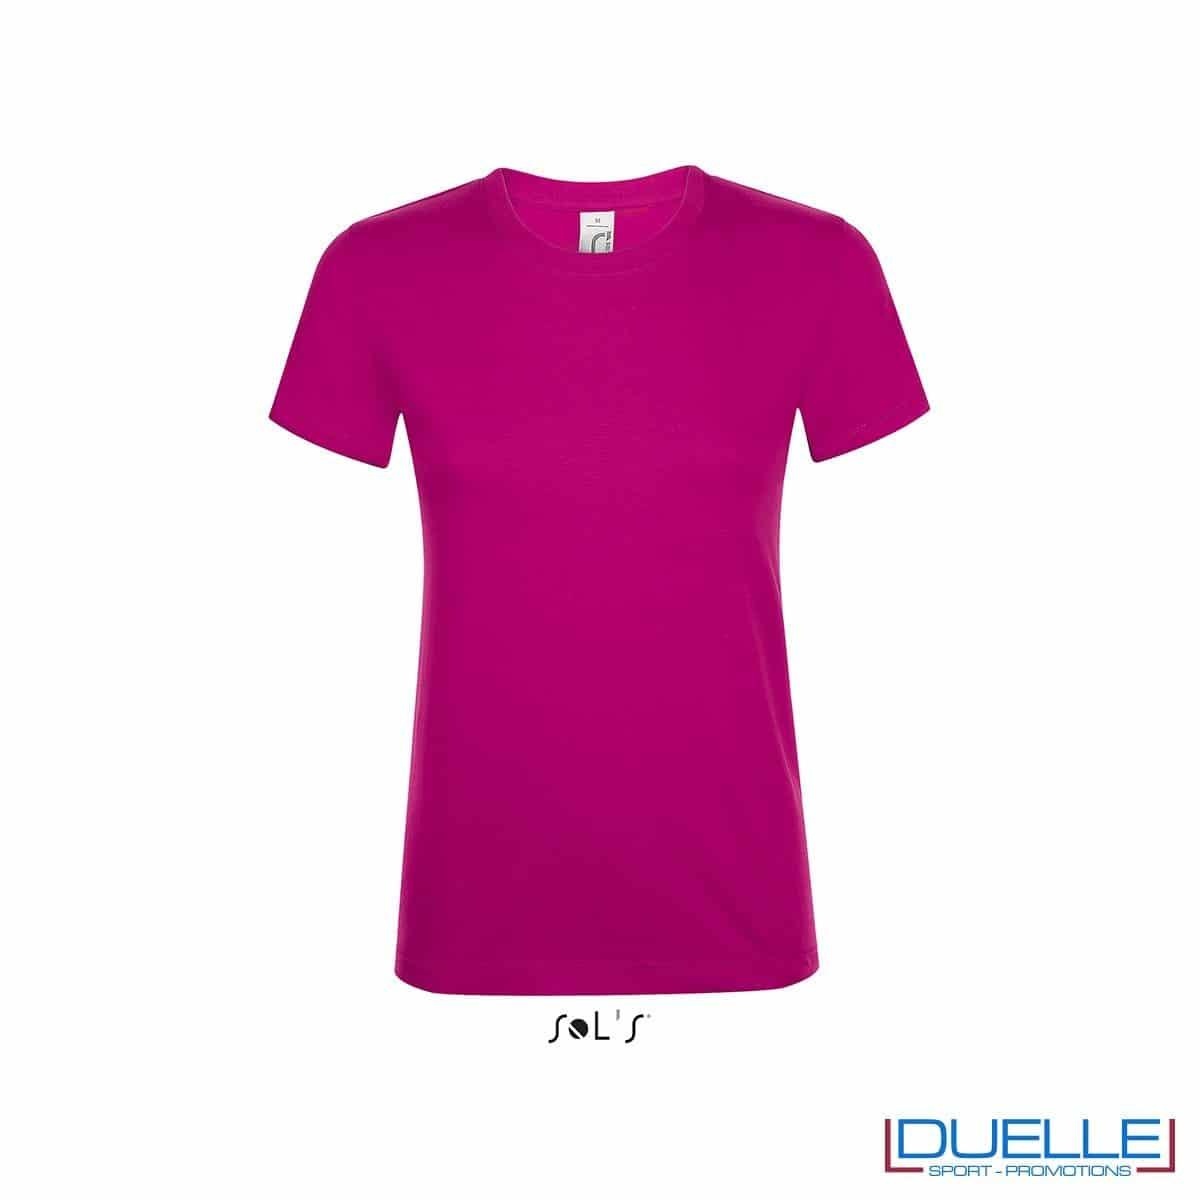 T-shirt girocollo donna personalizzata colore fucsia